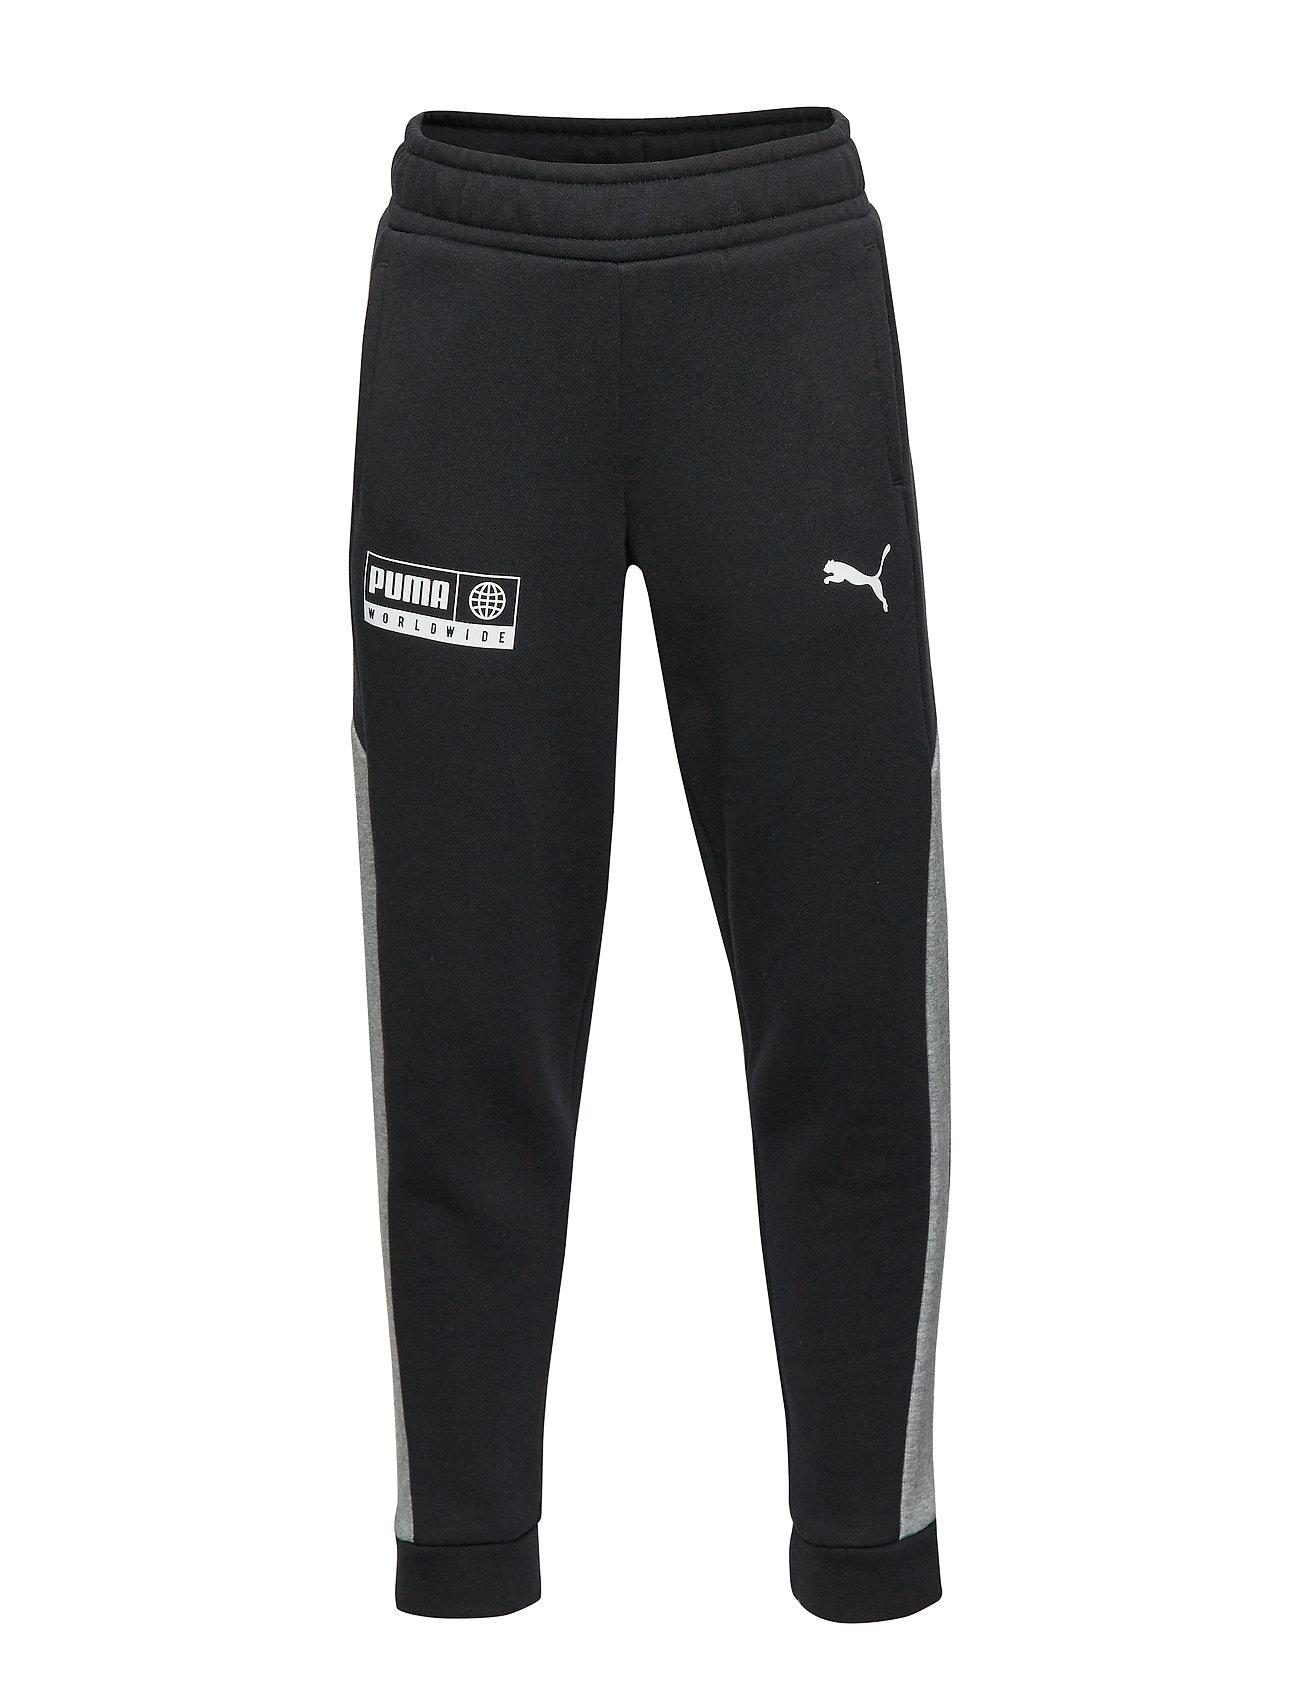 PUMA Alpha Sweat Pants FL B - PUMA BLACK